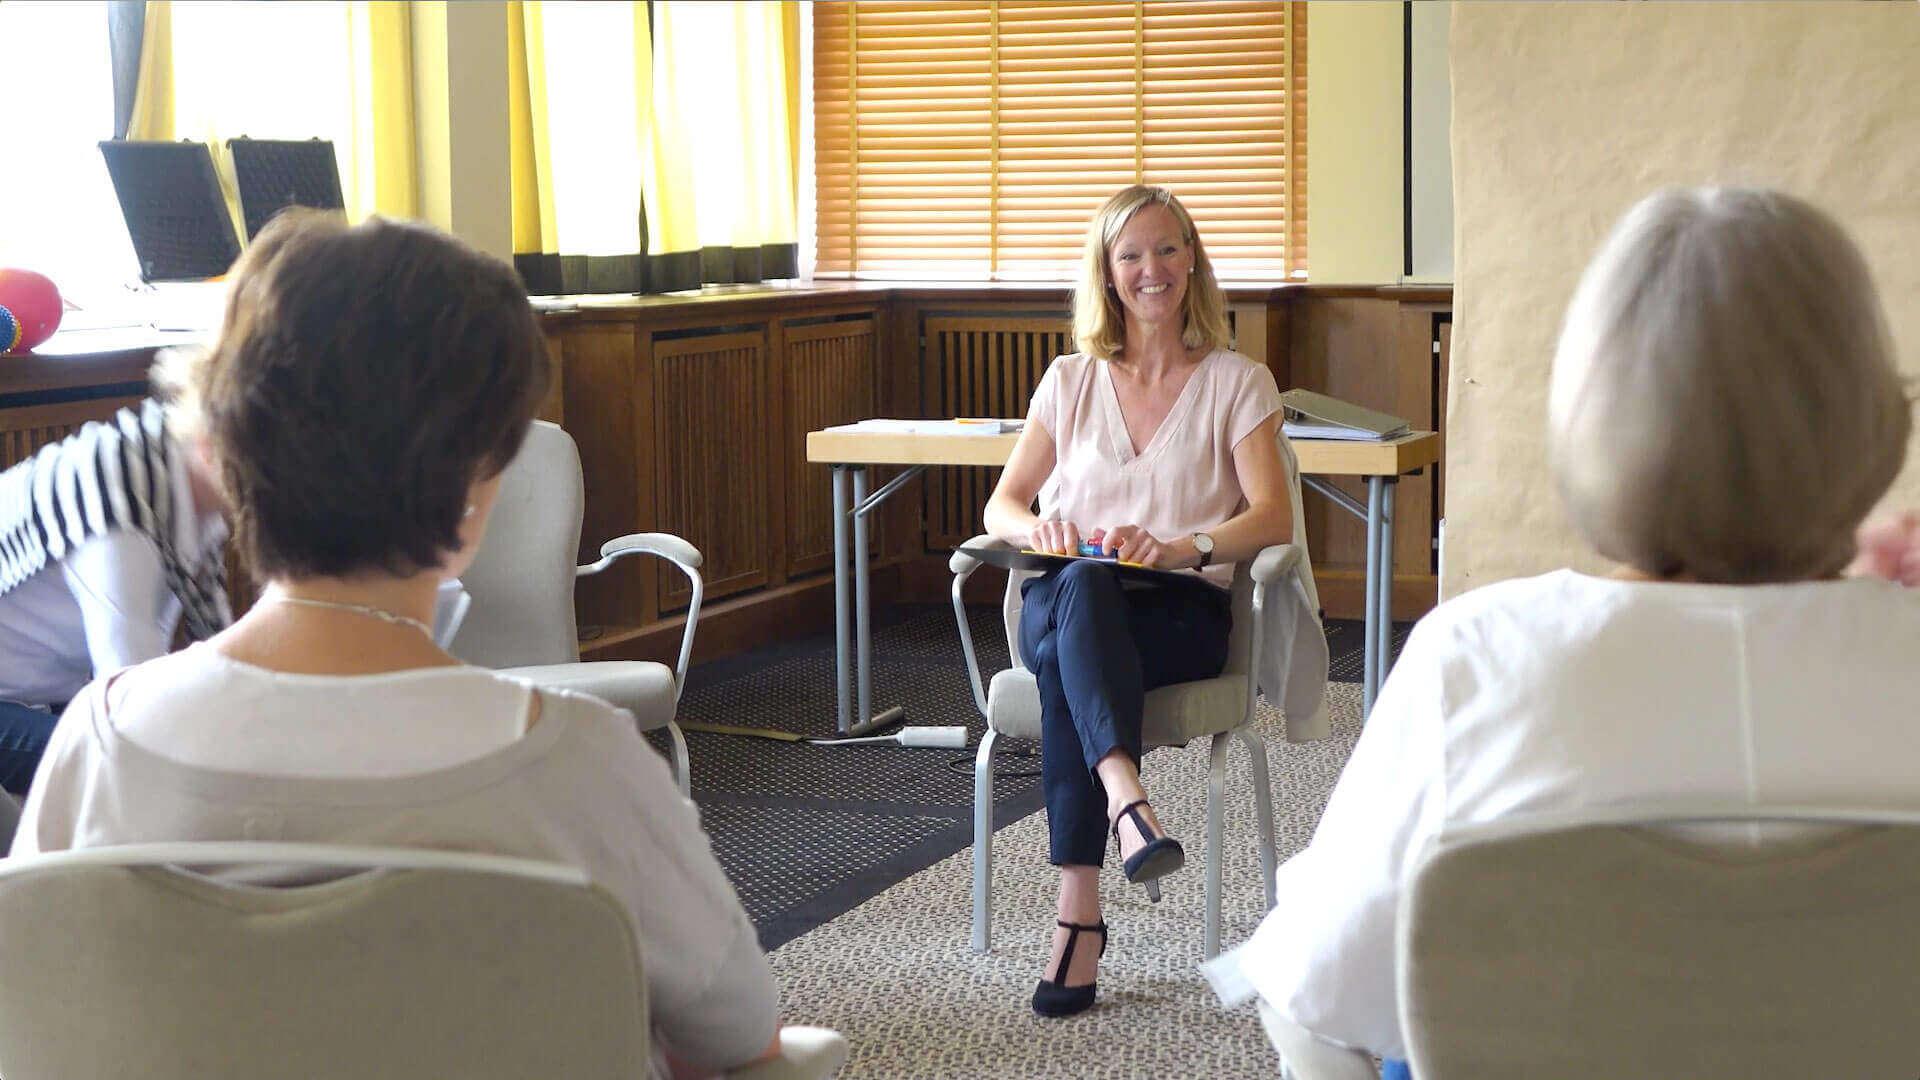 Seminarimpression während einer Fragerunde